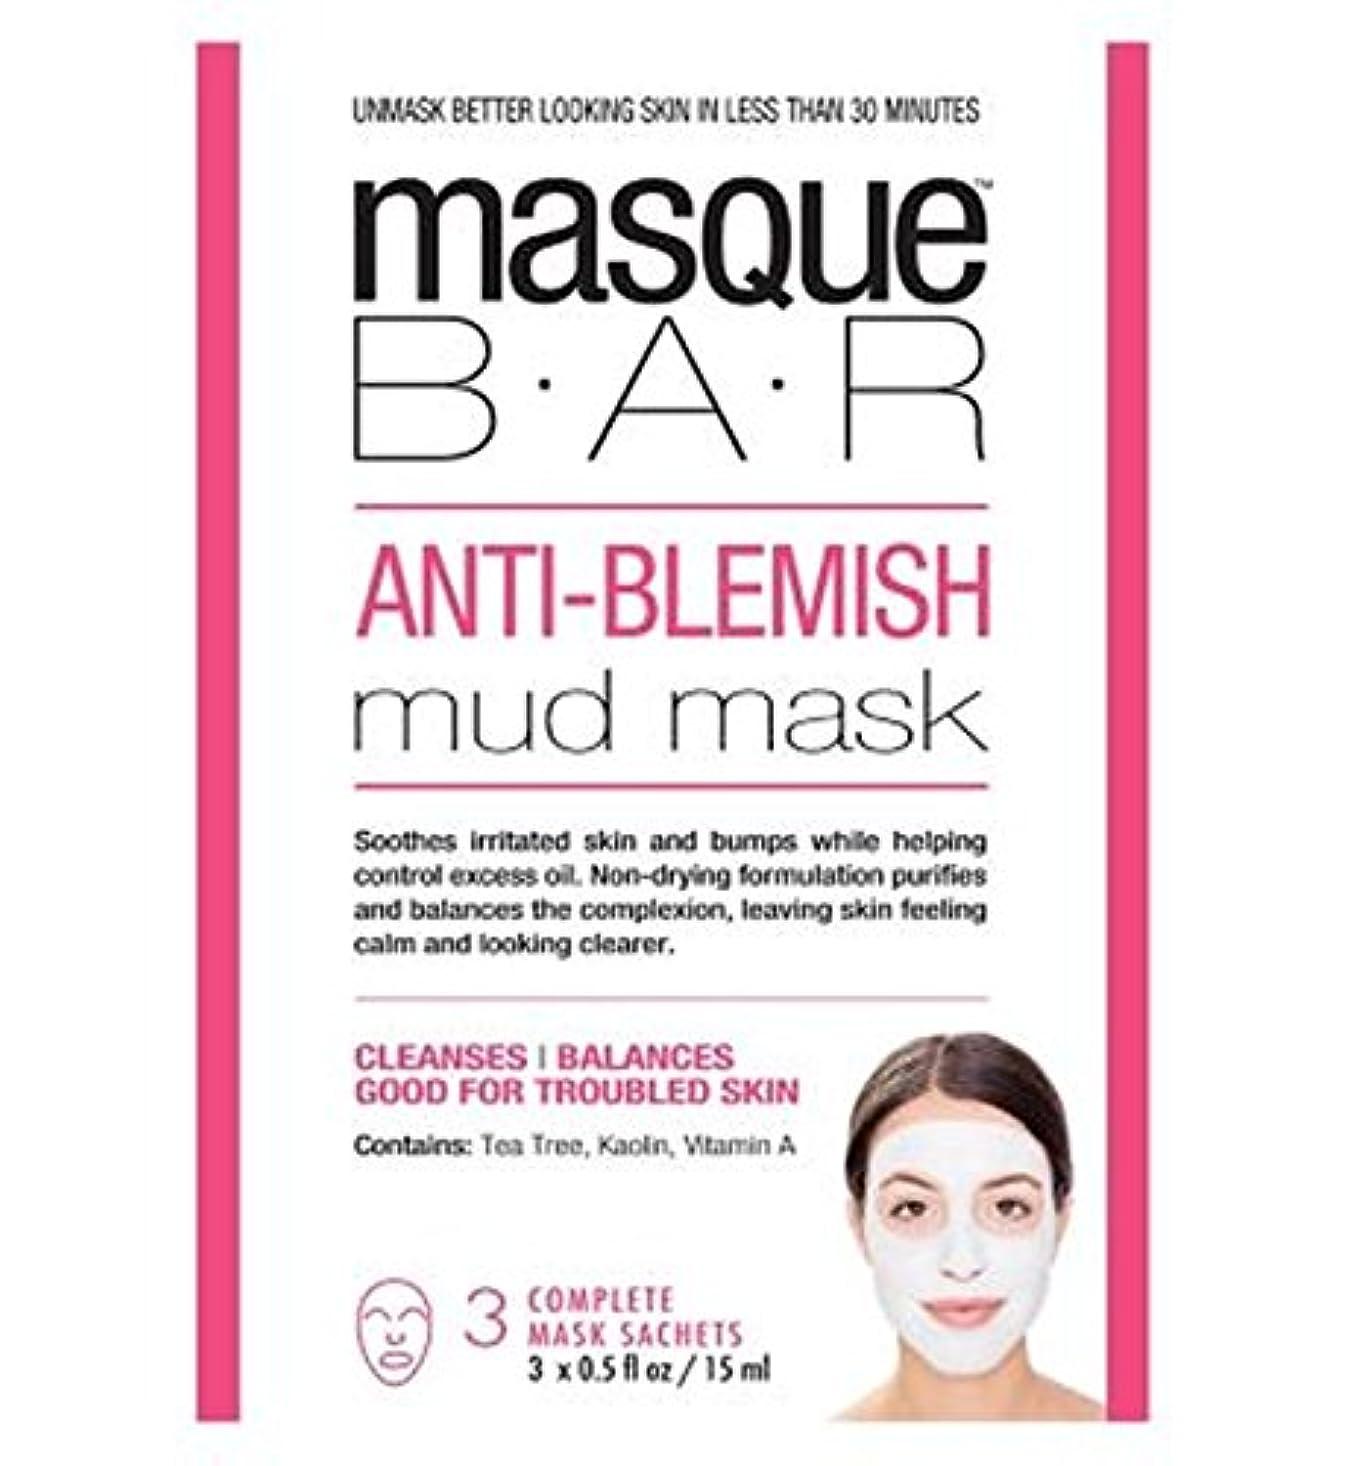 モニカささやき元気Masque Bar Anti-Blemish Mud Mask - 3s - 仮面劇バー抗傷泥マスク - 3S (P6B Masque Bar Bt) [並行輸入品]